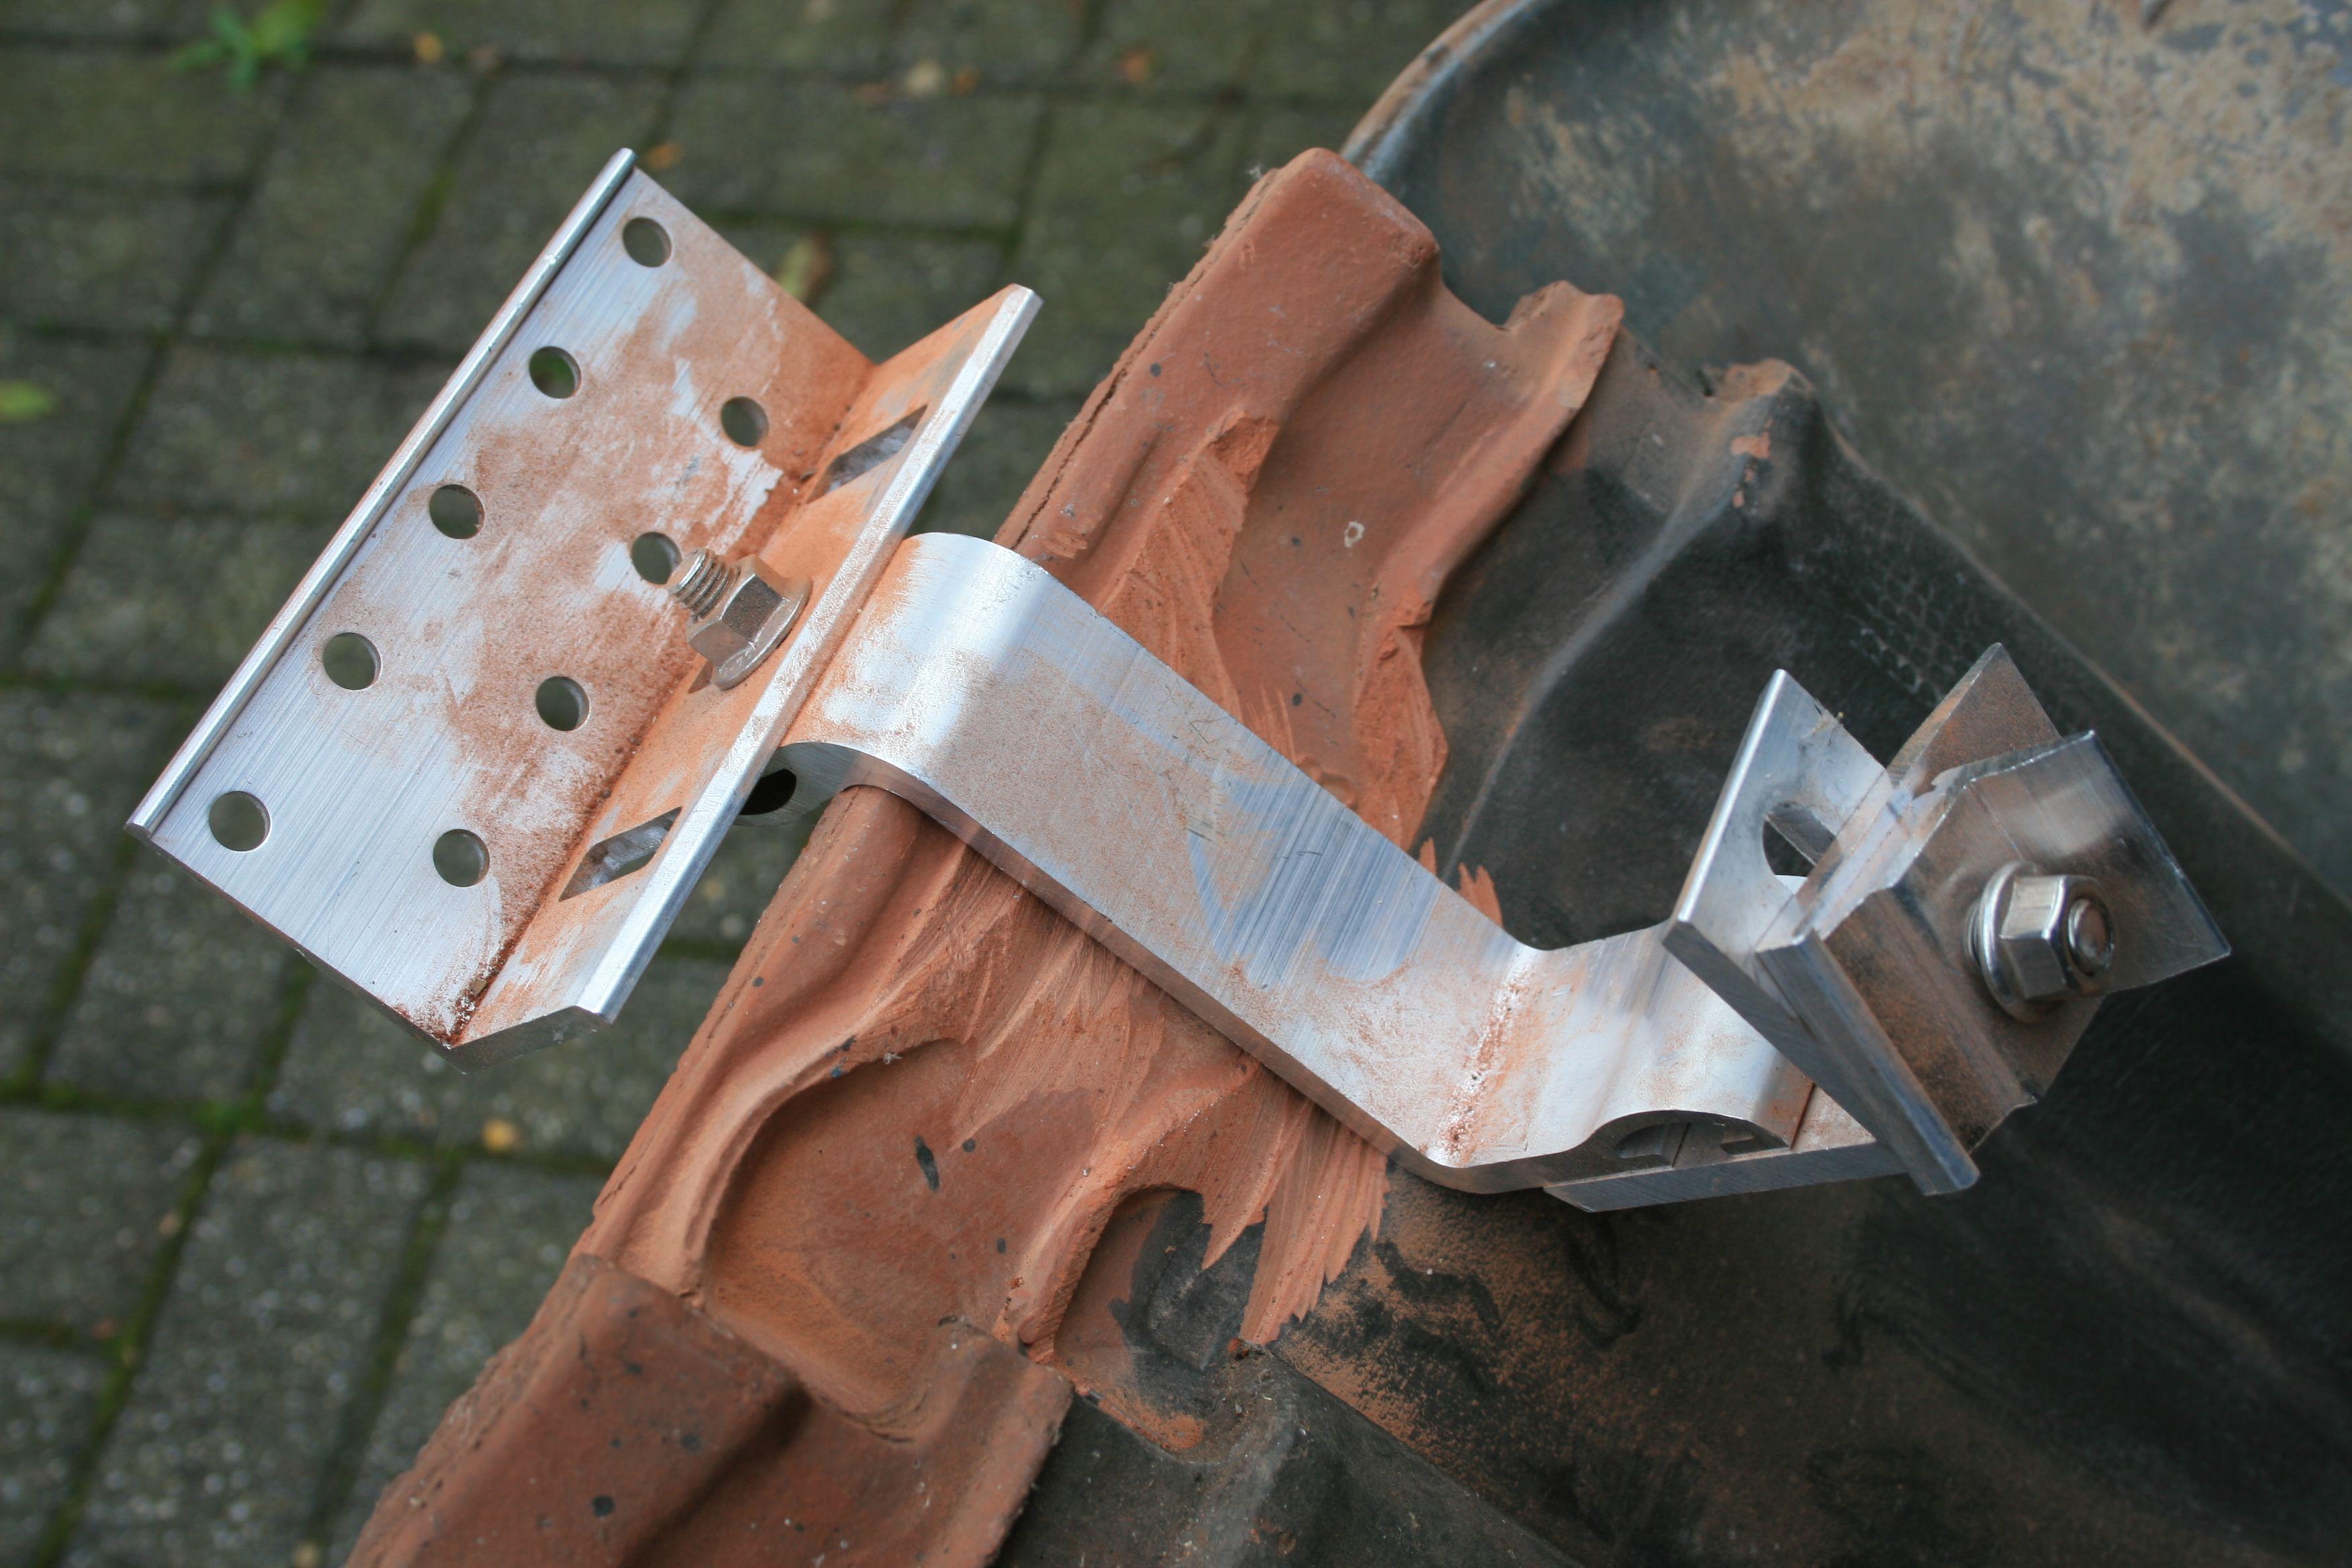 fileroof bracket for solar panels 1jpg - Roof Brackets